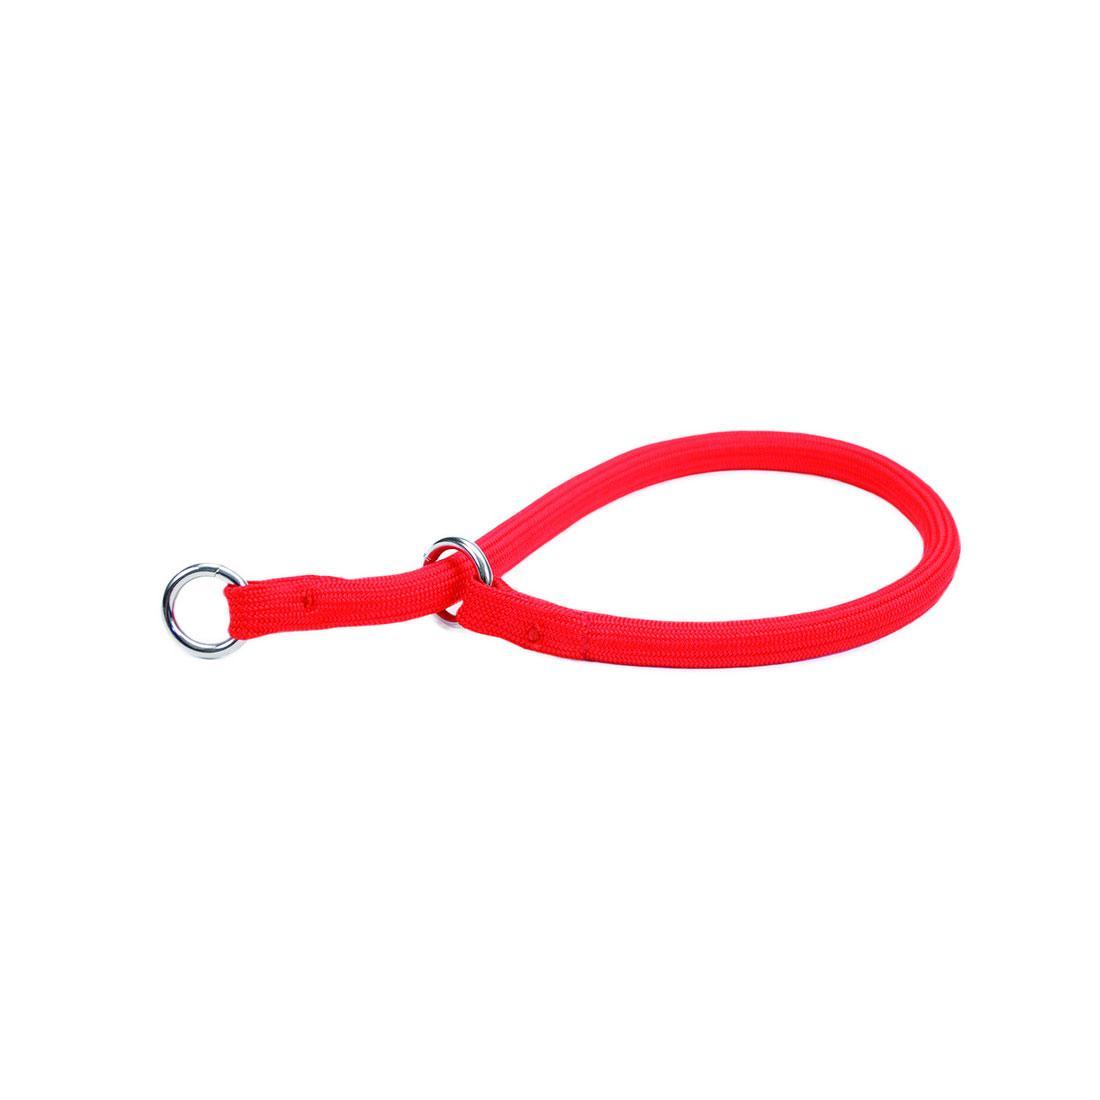 Coastal Round Nylon Dog Training Collar, Red Image